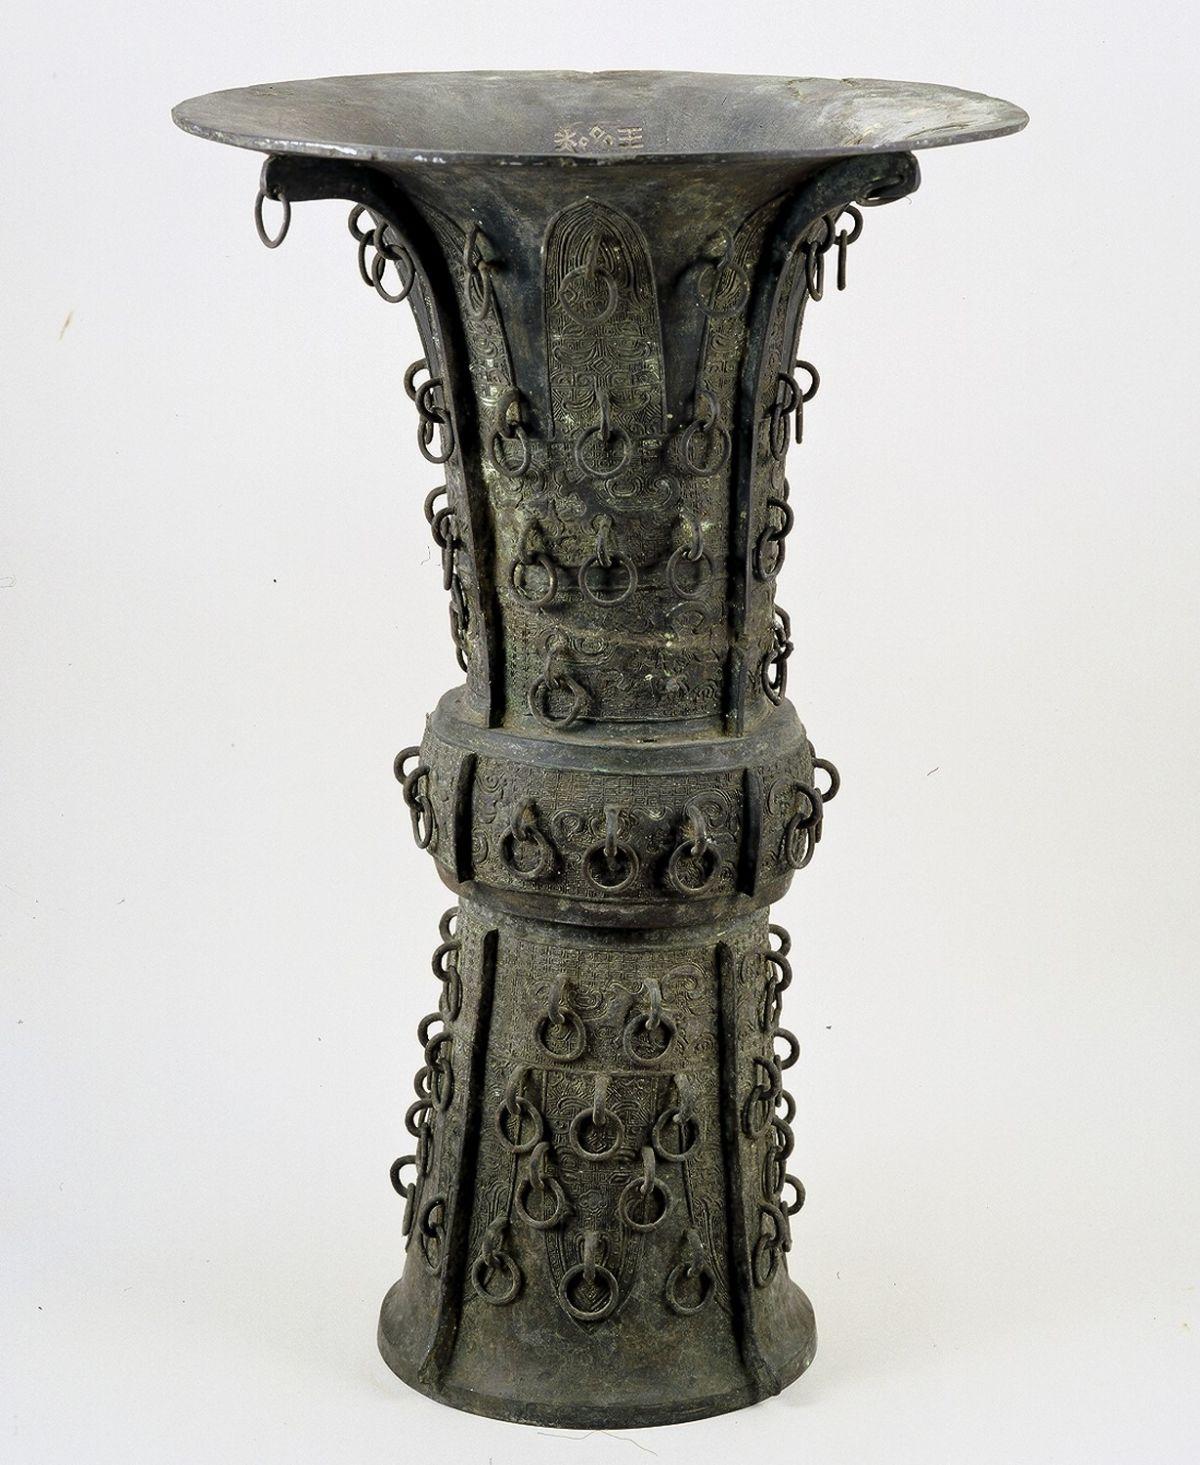 """中国古代铜器源远流长,绚丽璀璨,其造型、纹饰和铸造技术,综合了绘画、雕塑、造型艺术和工艺美术于一体,有着极高的历史价值与艺术价值。 其中,青铜器占据了中国古代铜器极为重要的部分,其萌芽于原始社会后期,夏代初步发展,商周鼎盛,春秋战国繁荣,成为对社会生活产生较大影响的""""礼乐之器""""。秦汉以后,随着社会变革,器物的生活实用性加强,加上铁器、陶瓷器、漆木器的广泛使用,青铜器逐渐衰落,宋元明清则多仿古和作伪。 华侨博物院院藏铜器,虽数量不多,但从战国时期的铜剑到汉唐、宋元、明清的器物,在福建"""